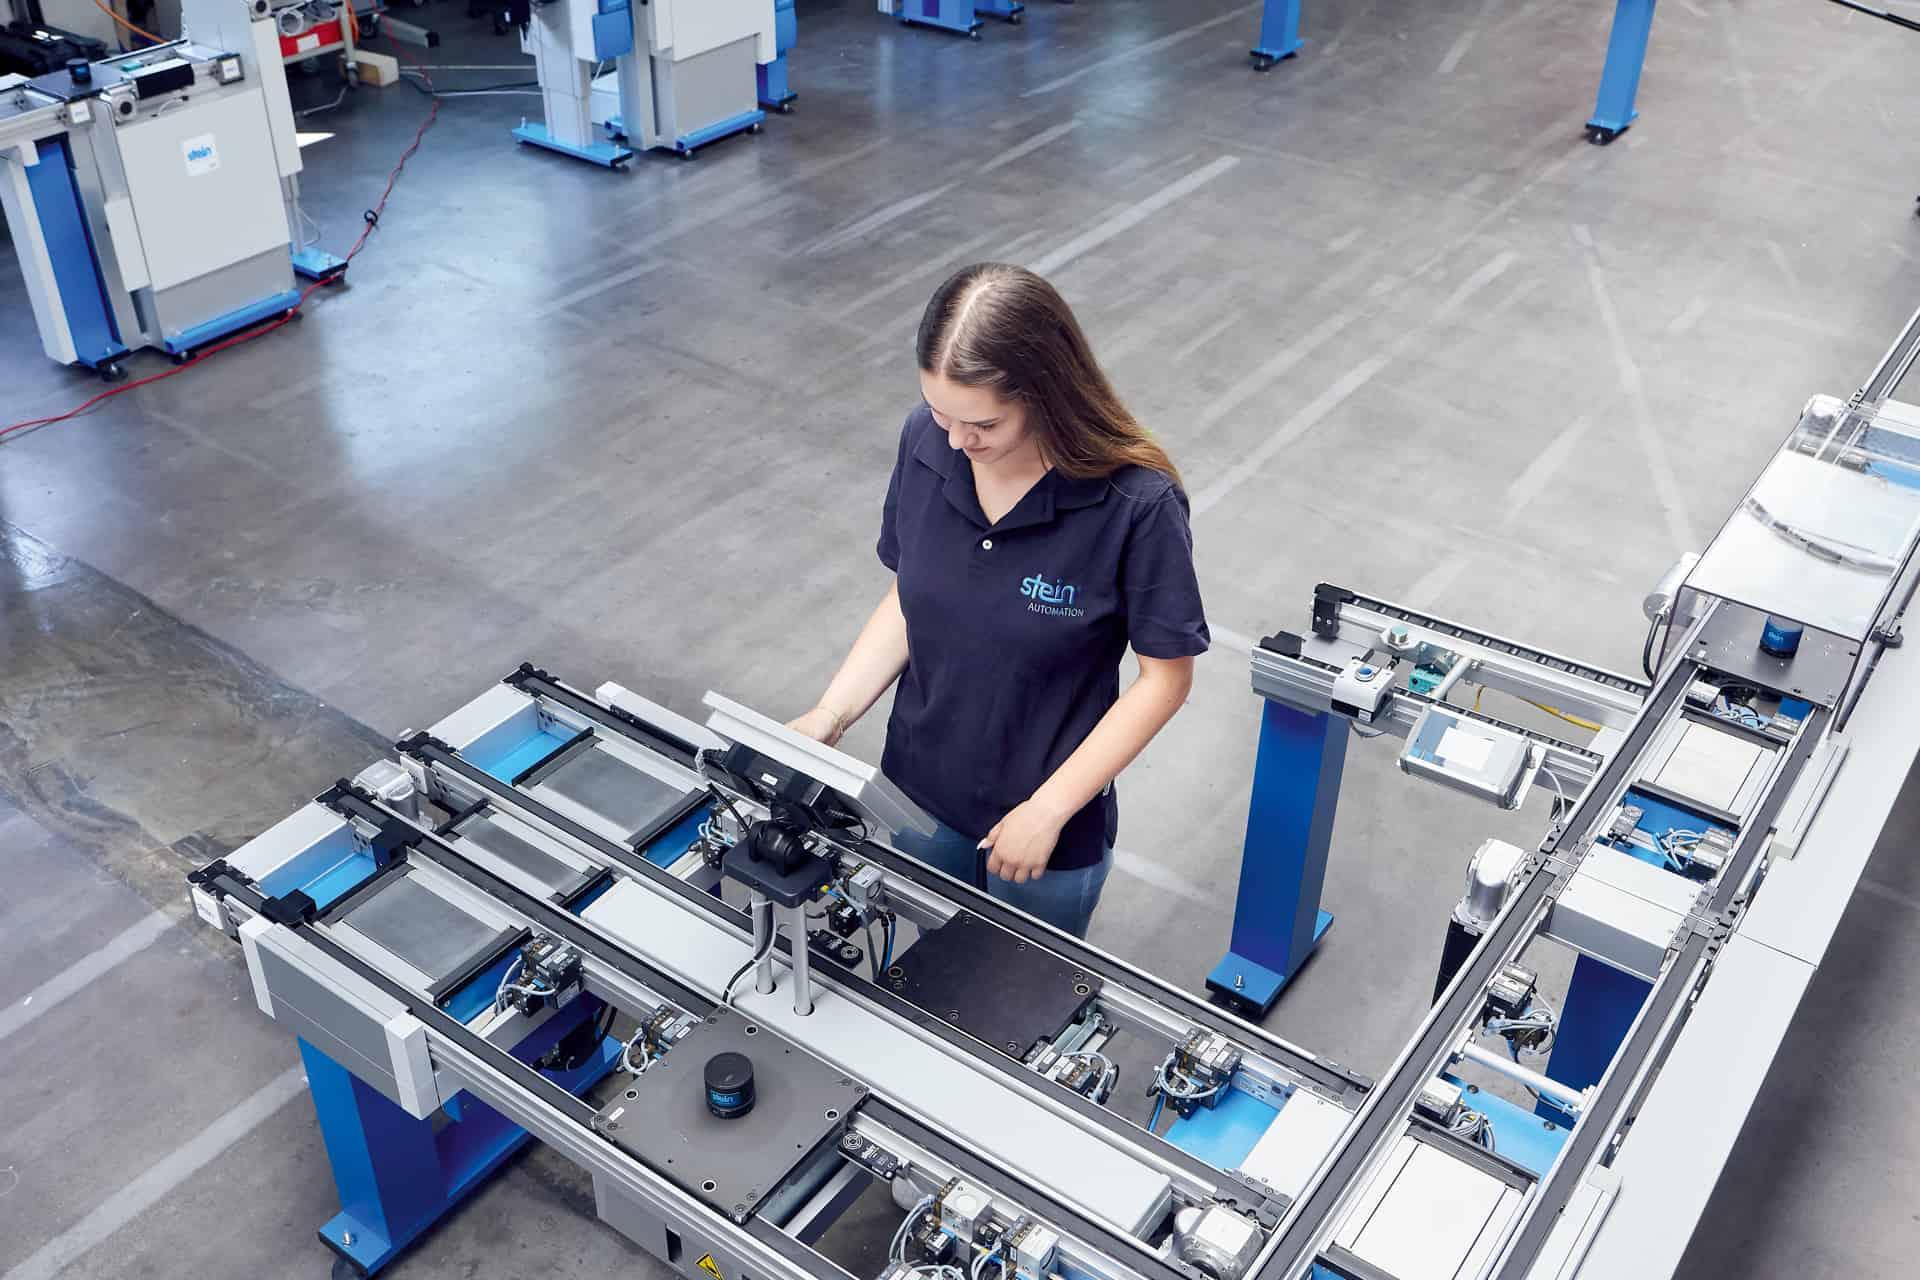 Stein-Automation STEIN 300